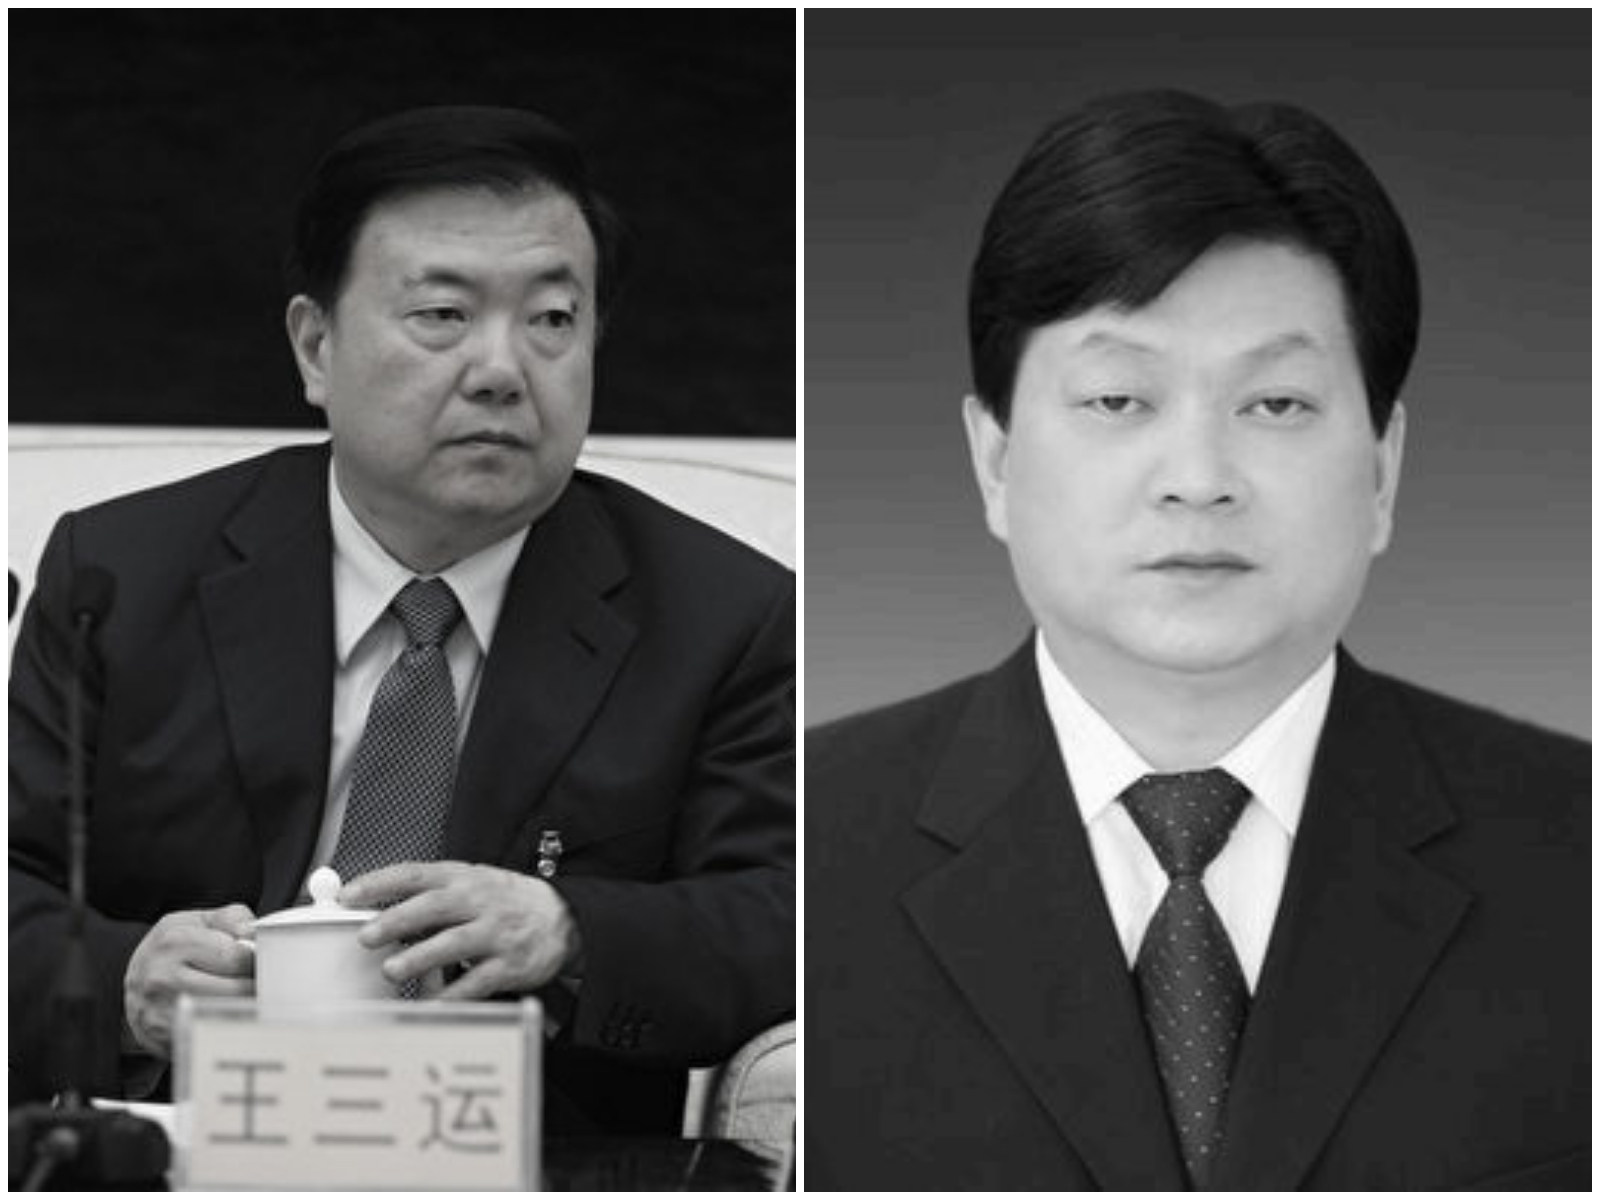 前甘肅書記王三運及虞海燕貪腐詳情曝光